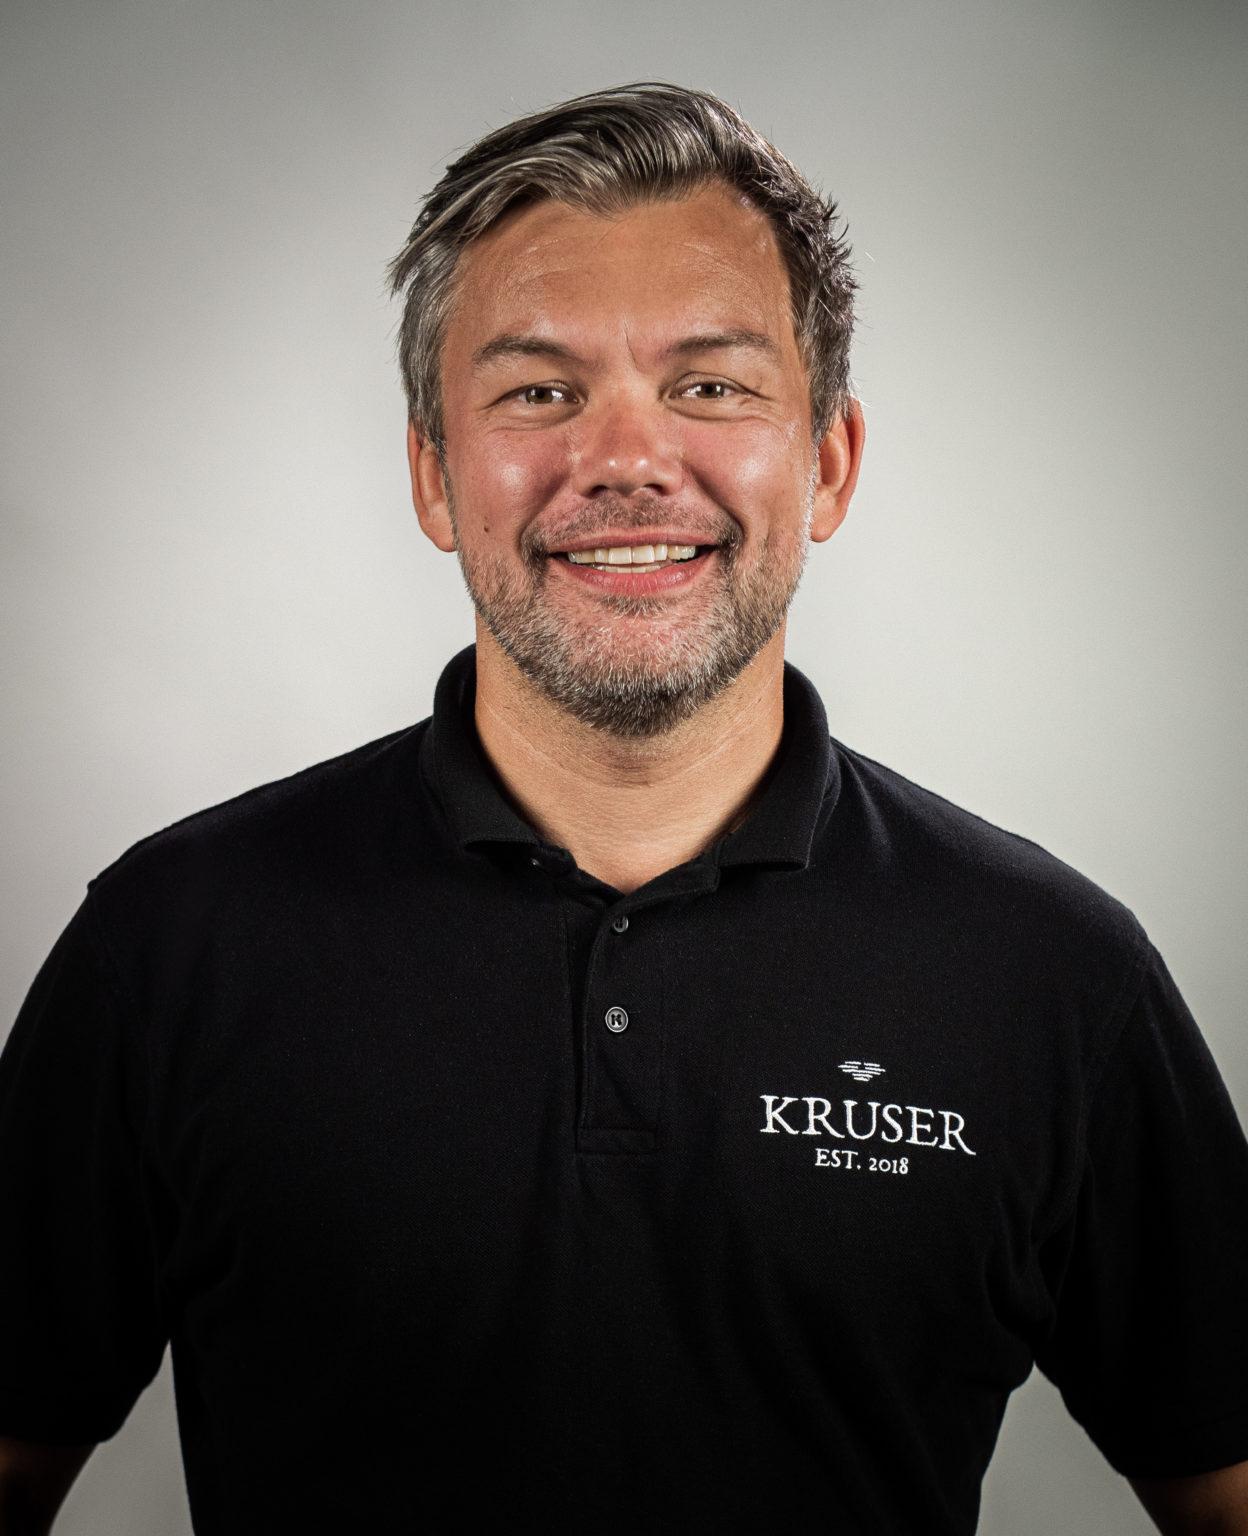 Christer Ervik